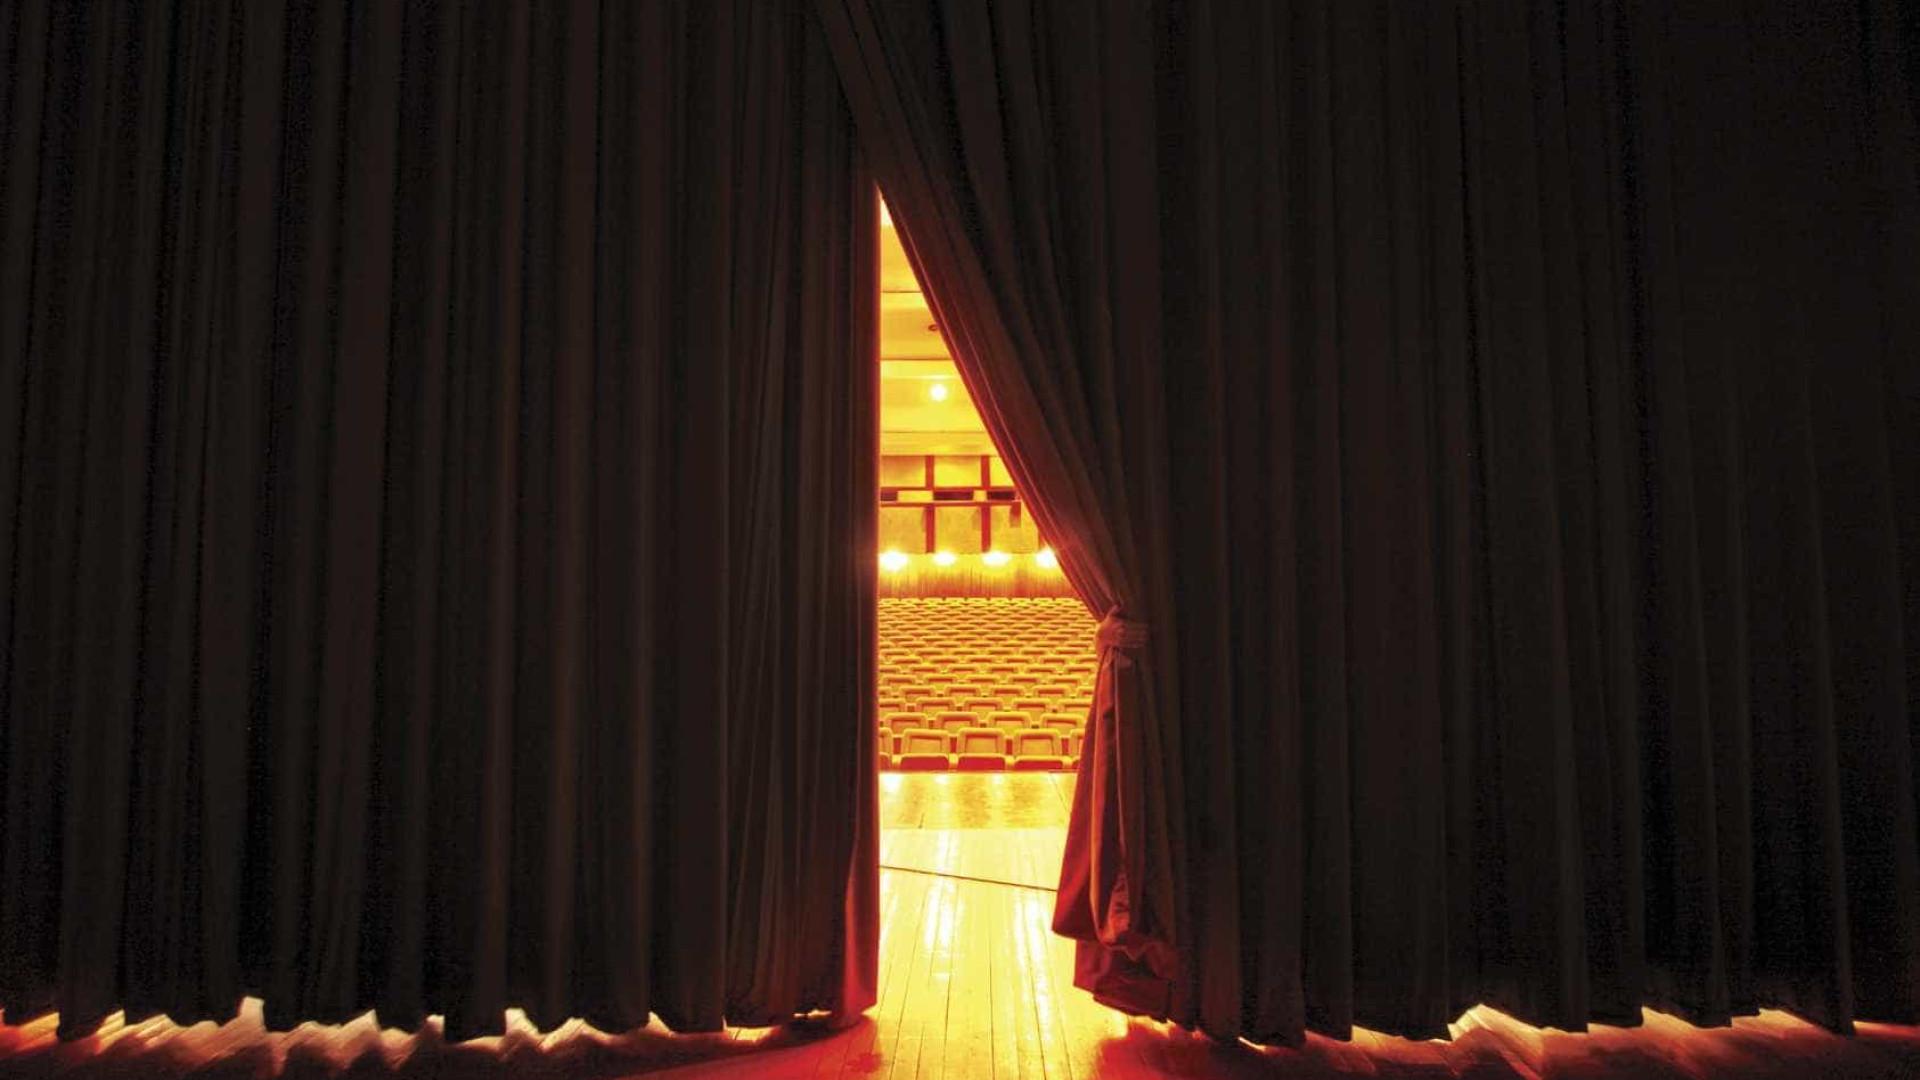 Dramaturgo Alfredo Cortez evocado no Museu do Teatro e da Dança